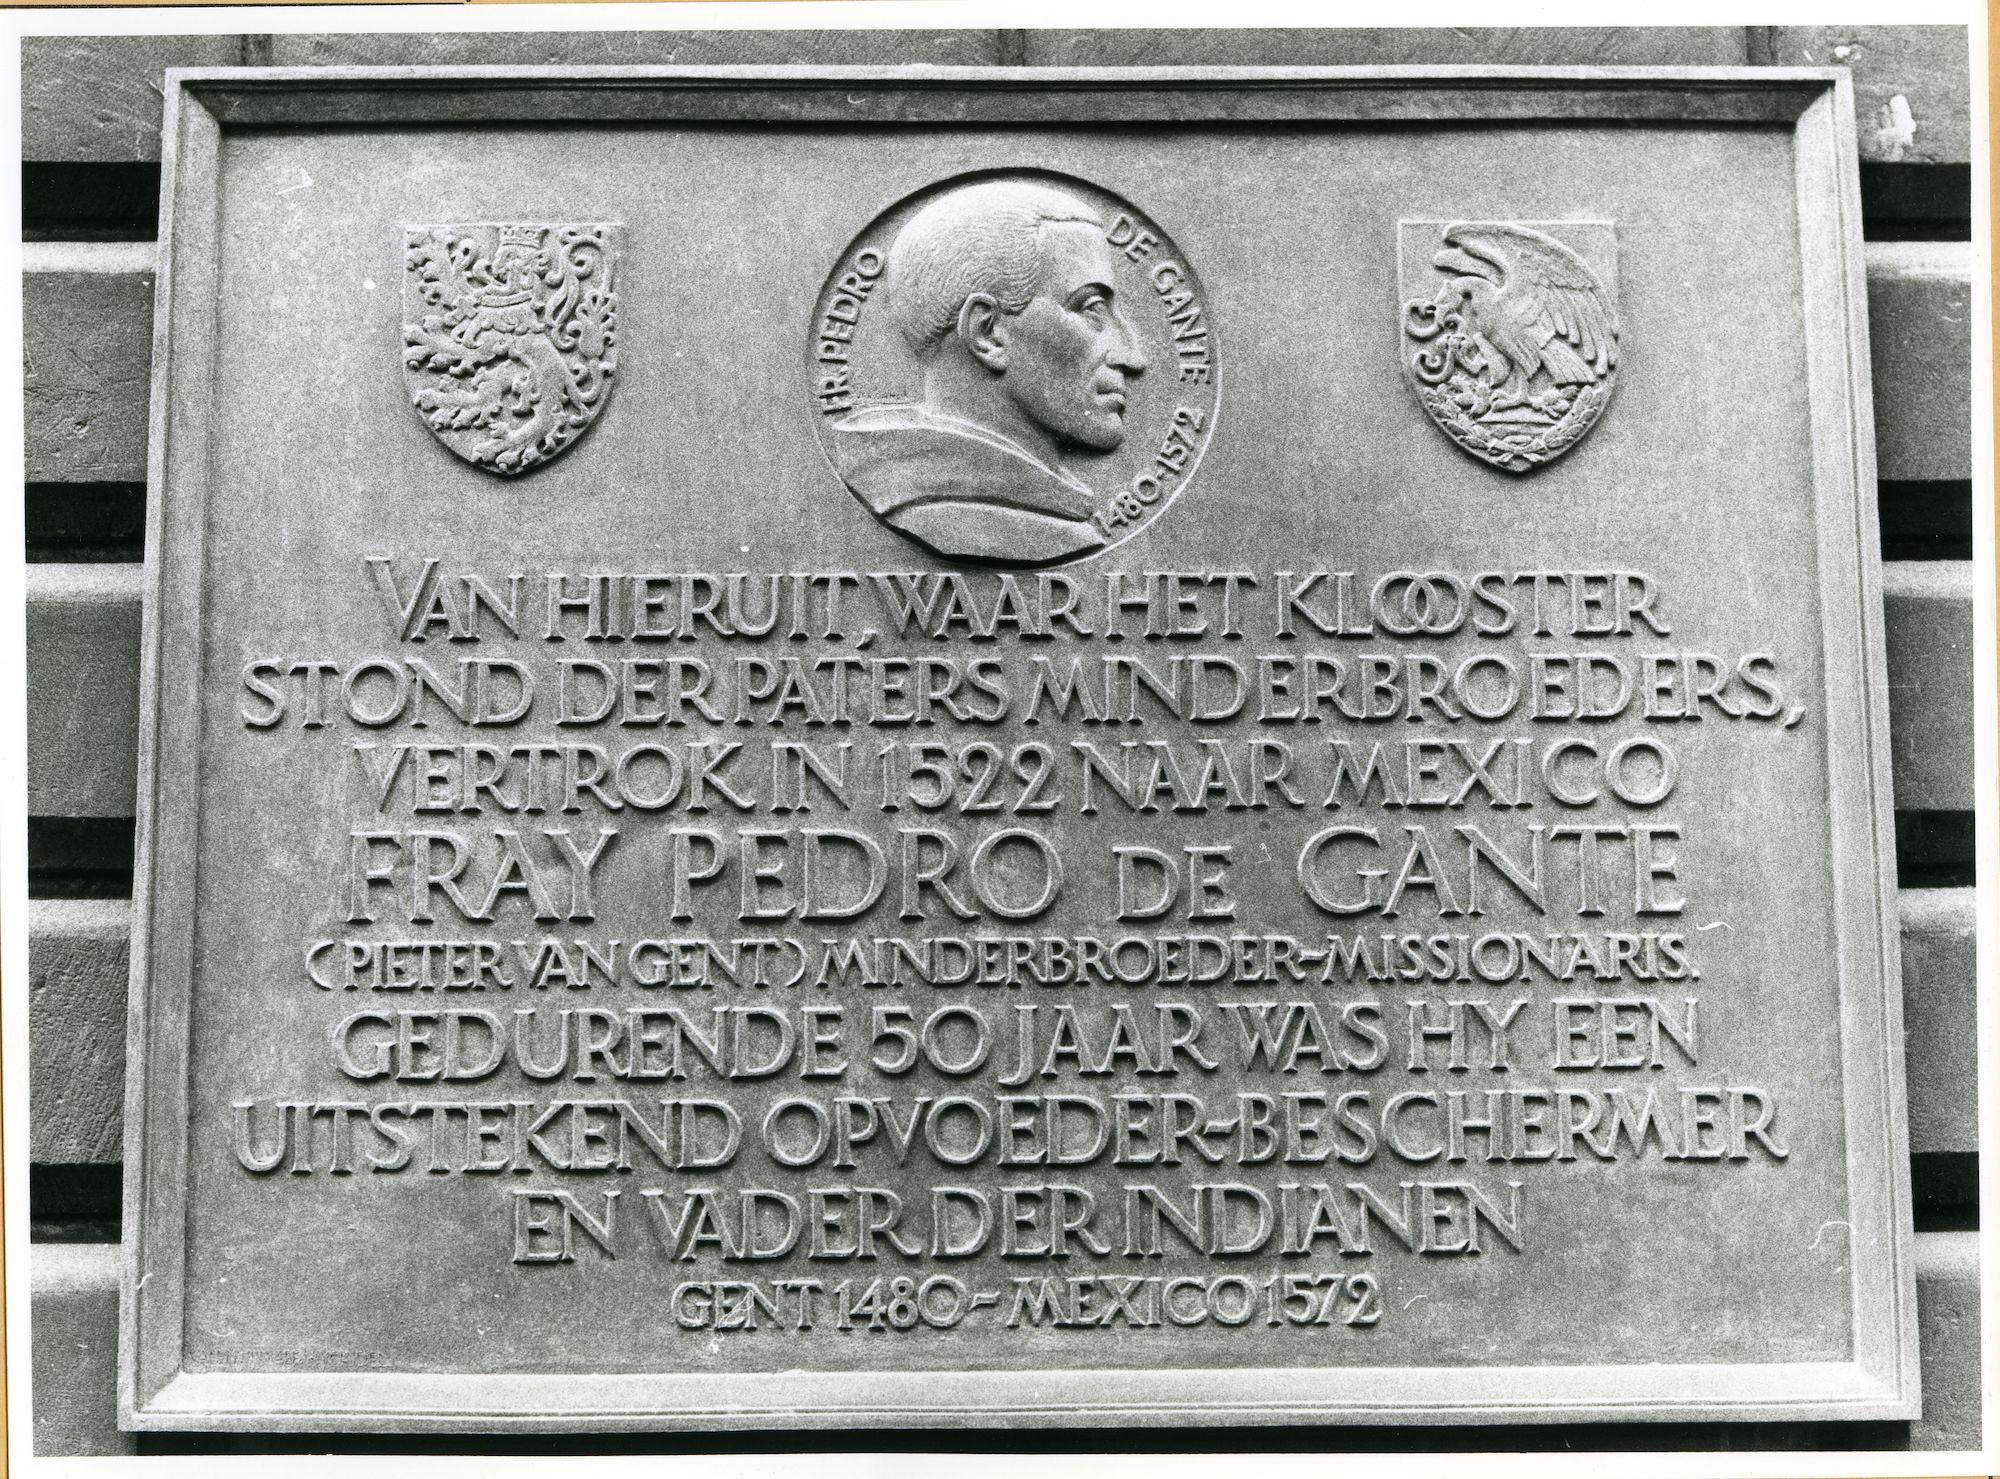 Gent: Koophandelsplein: Justitiepaleis (Gerechtsgebouw): Gedenkplaat Pedro de Gante